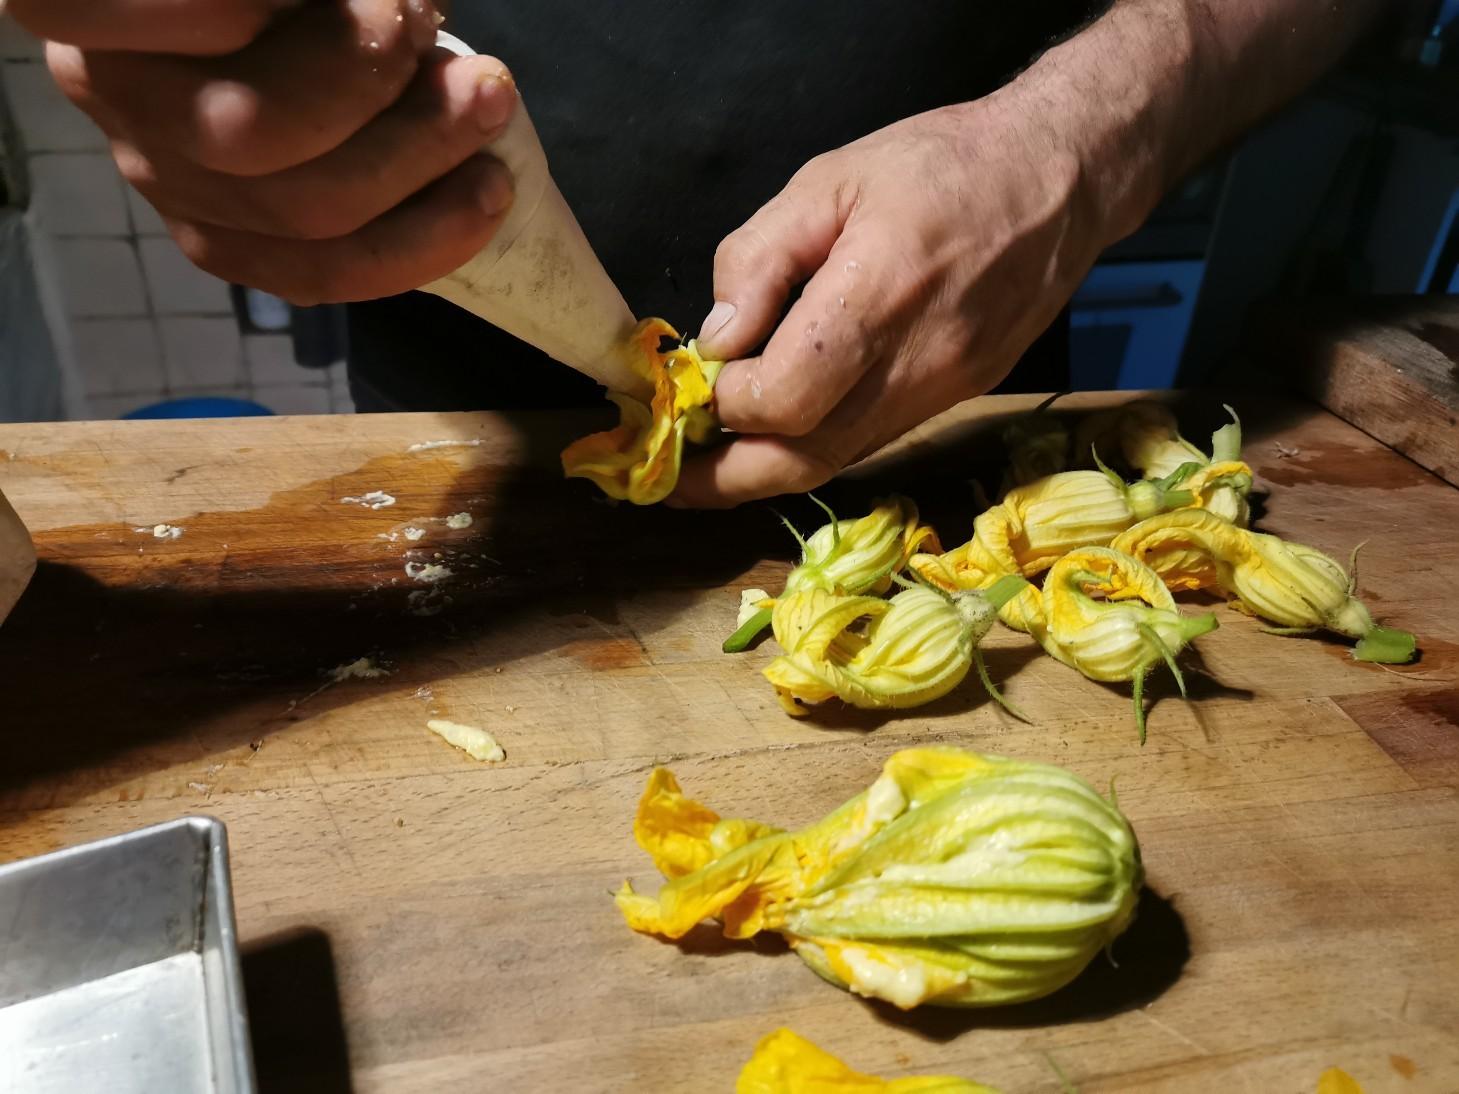 今のイタリアの旬の食べ物は・・・ズッキーニの花のフライ_f0106597_01071850.jpg